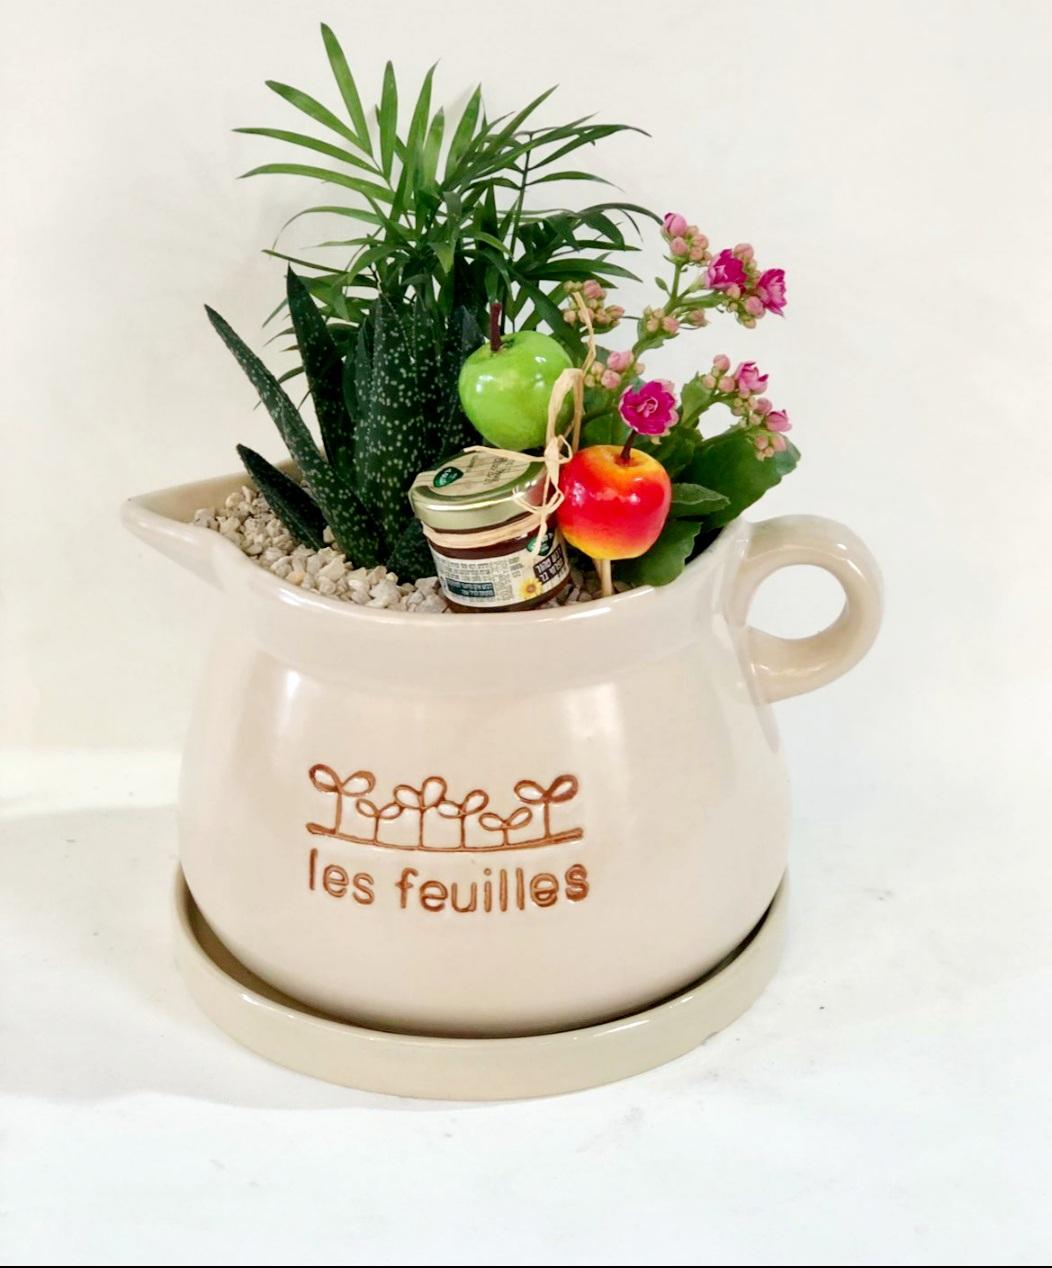 מיקס צמחים בכלי